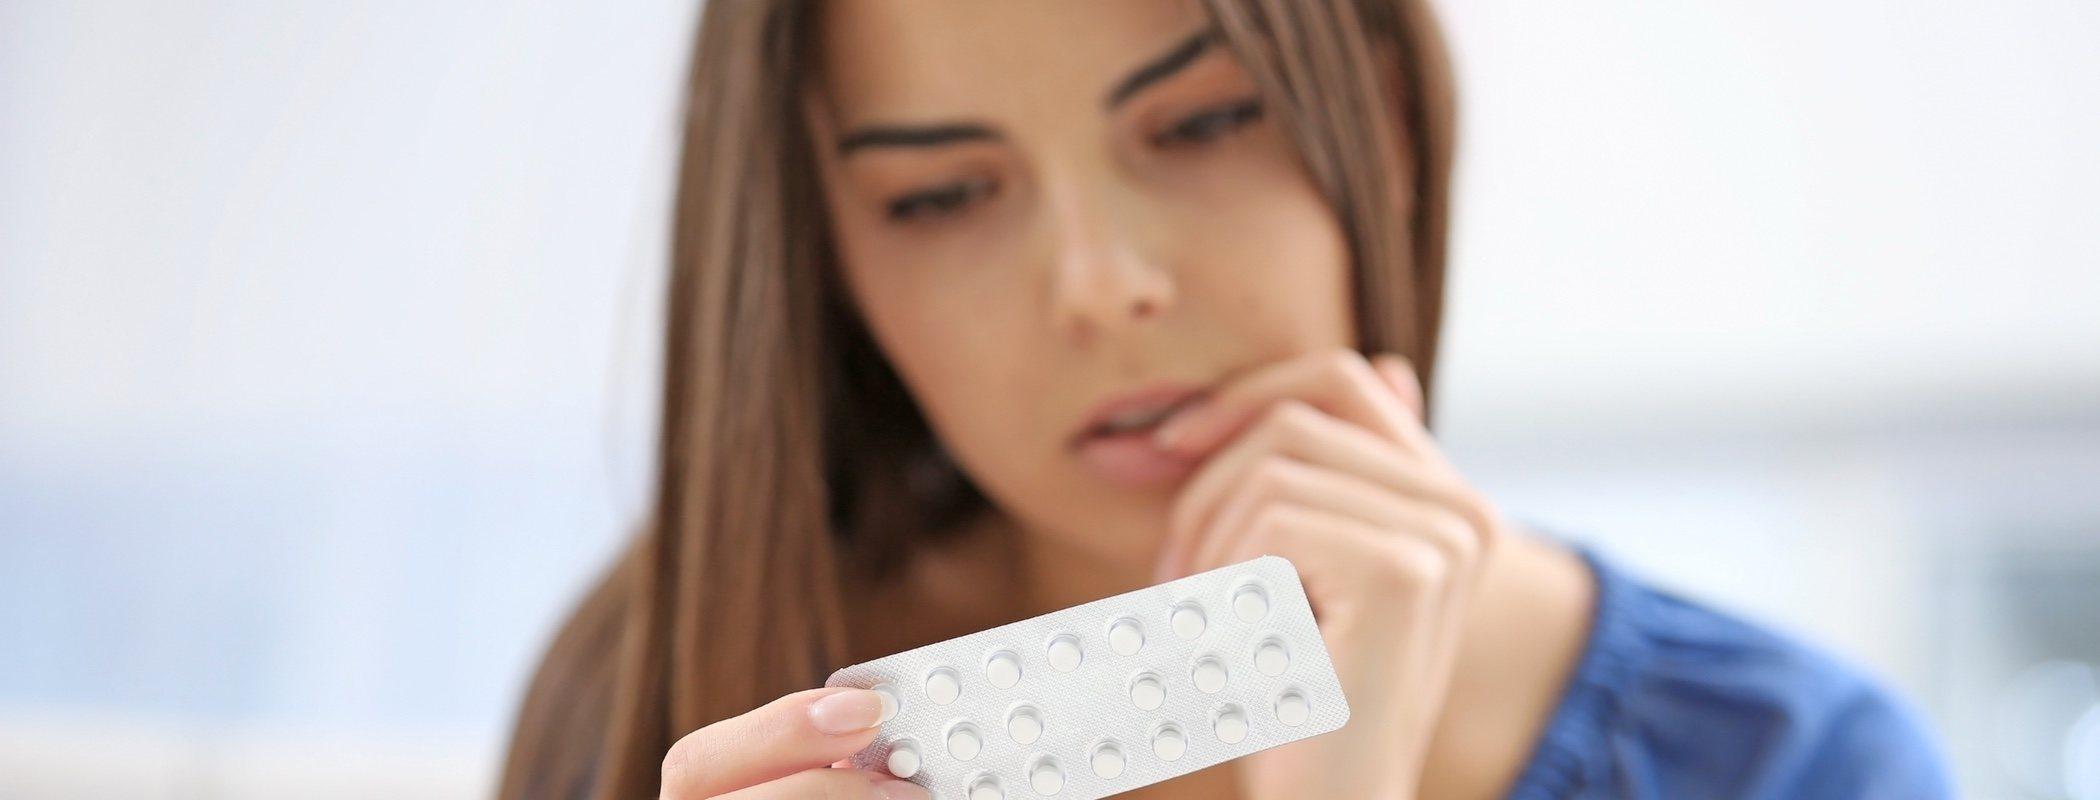 Verdades y mentiras sobre la píldora anticonceptiva